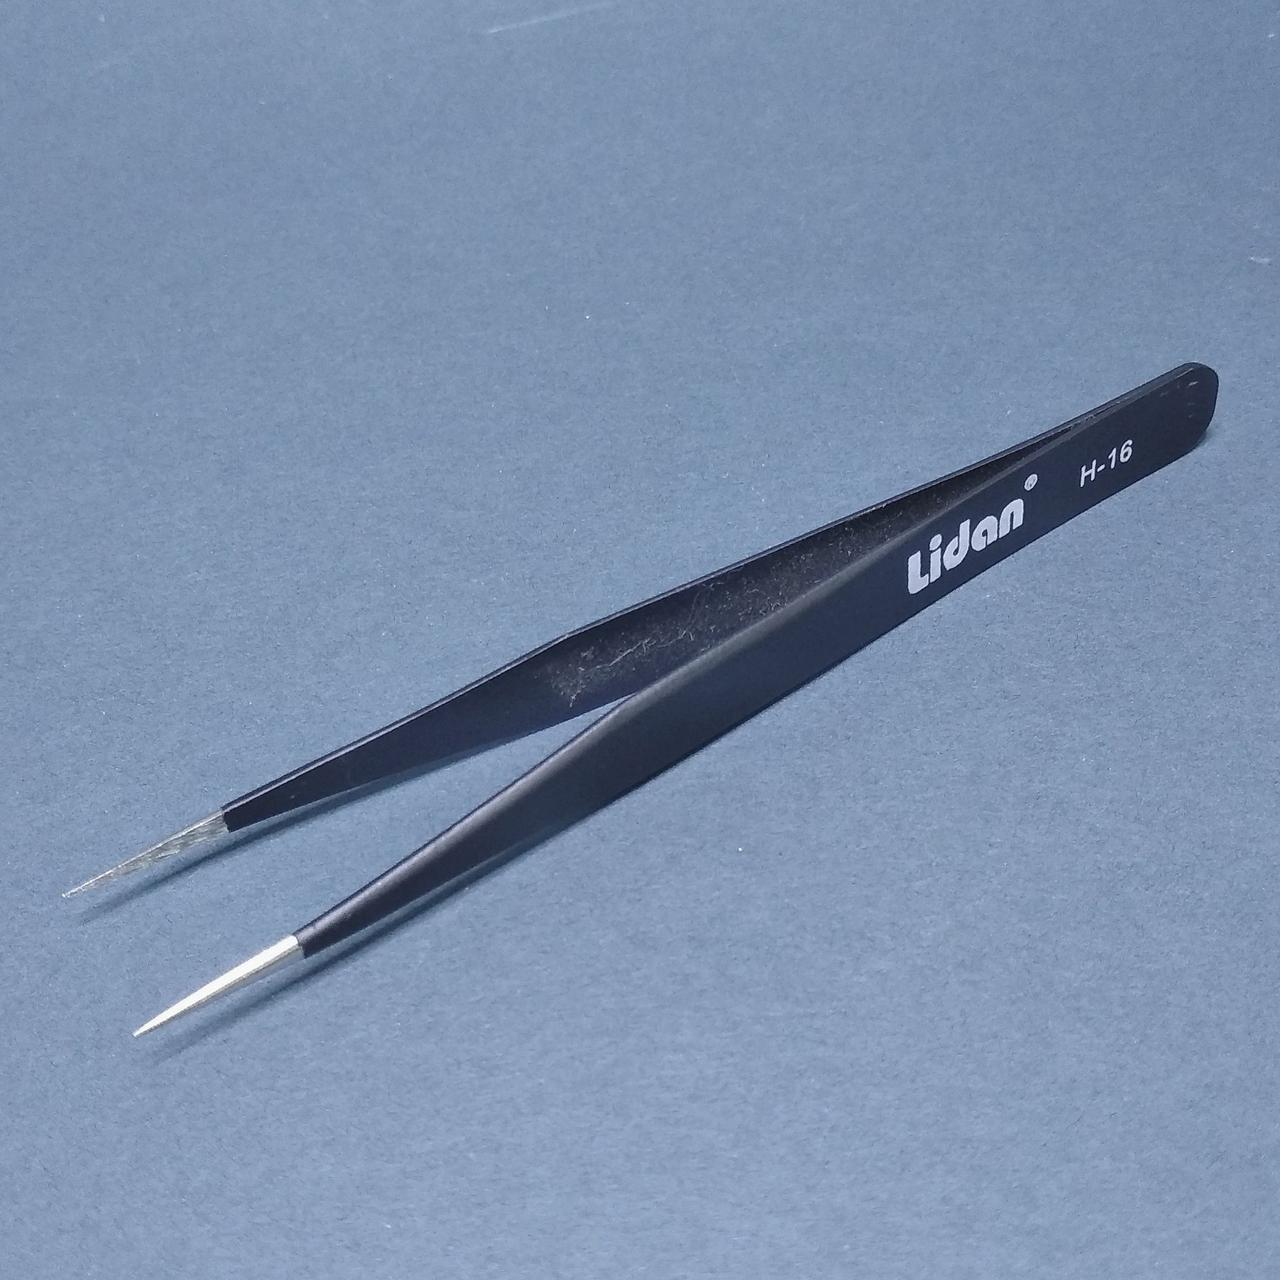 Пінцет для нарощування вій Lidan H-16